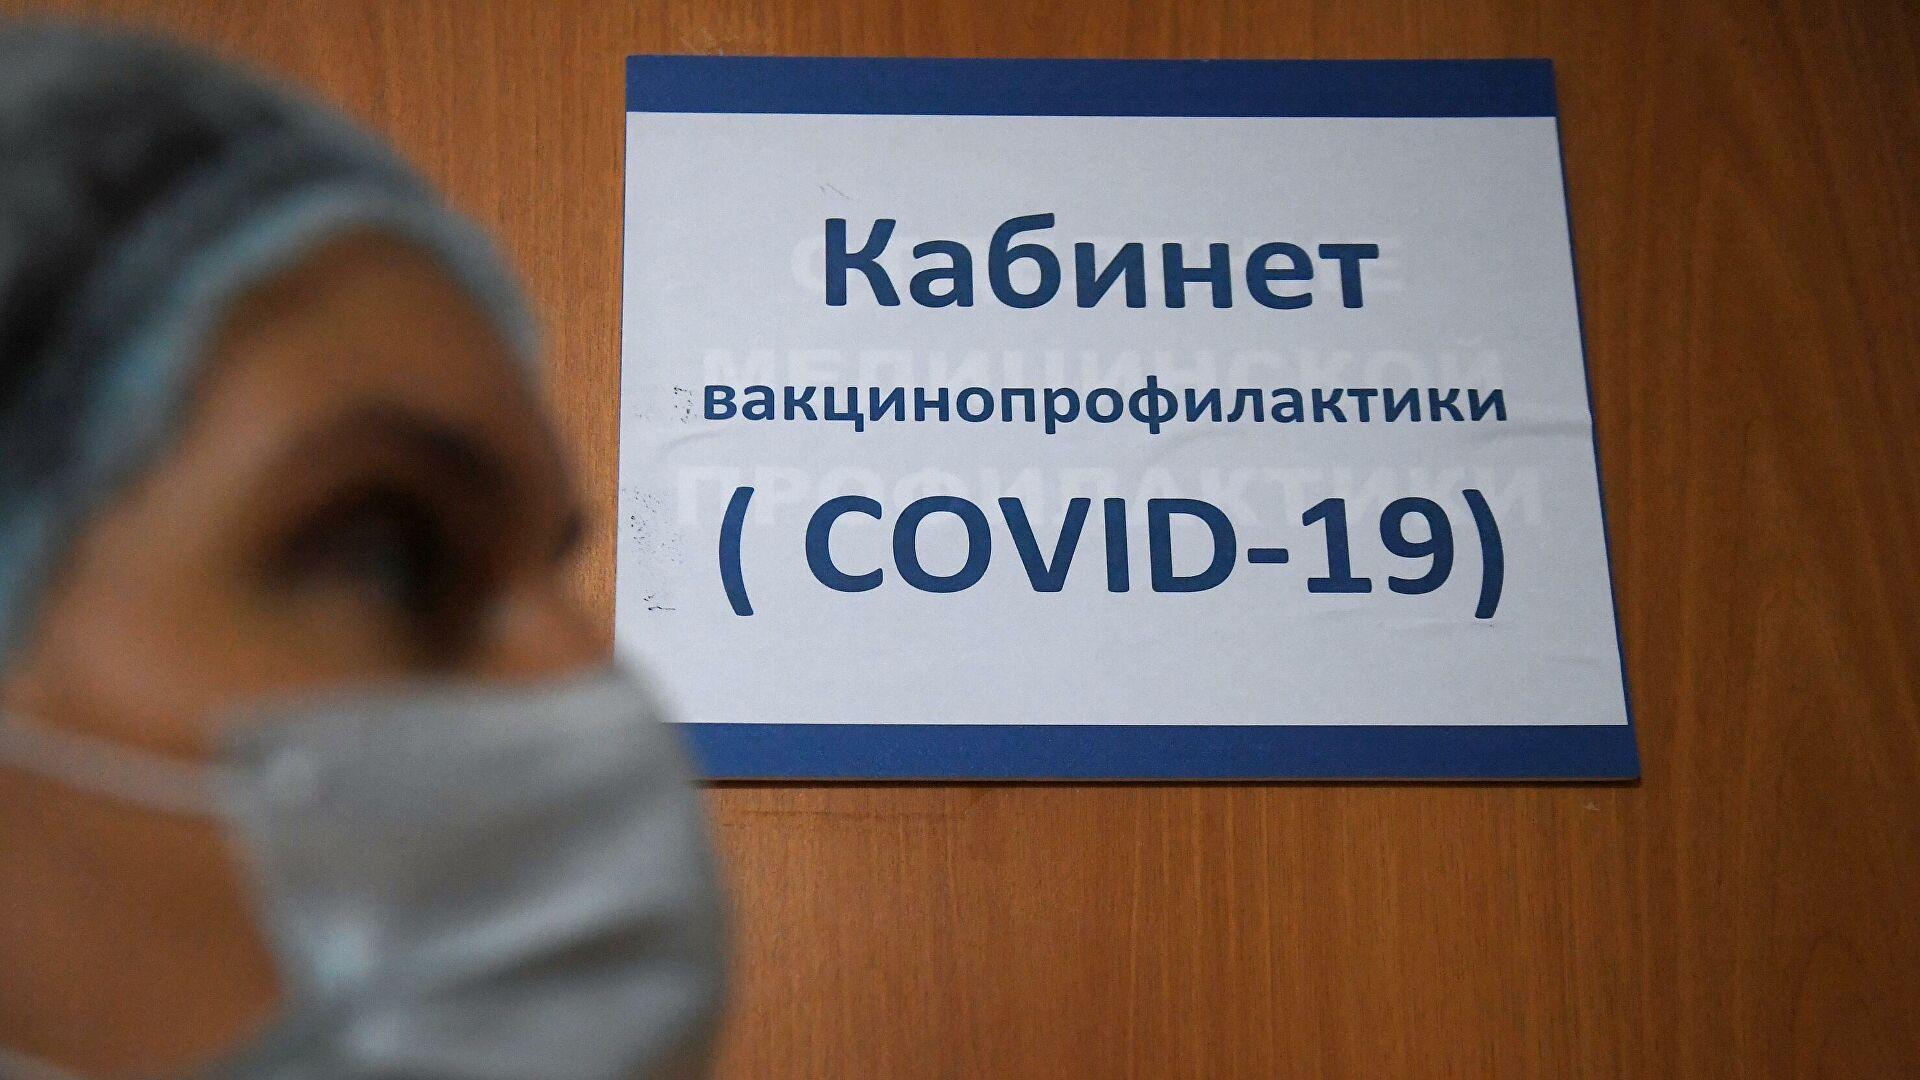 В Москве отступает COVID-19: Сергей Собянин заявил о надежде на снижение заболеваемости